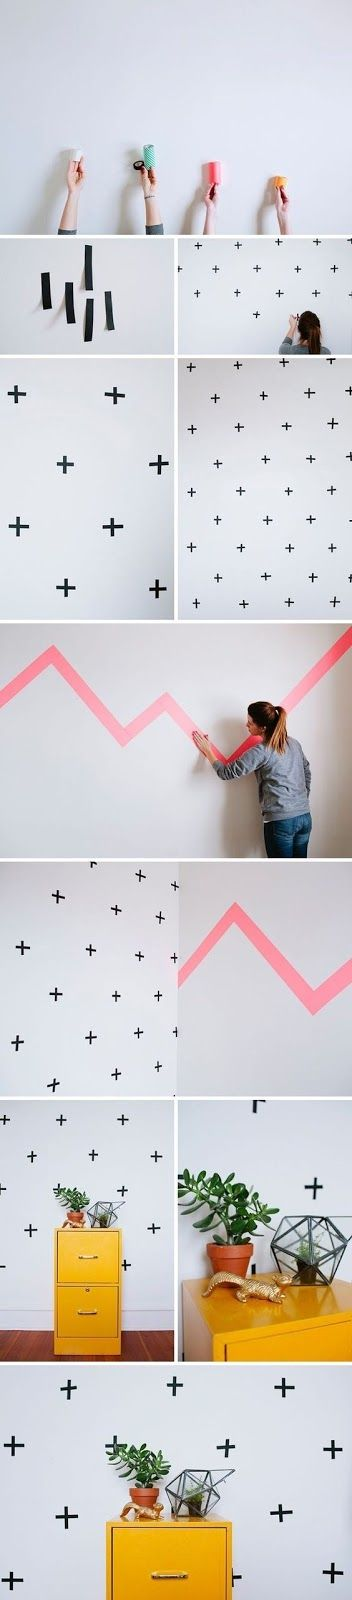 Um Segundo : Fitas adesivas na parede?